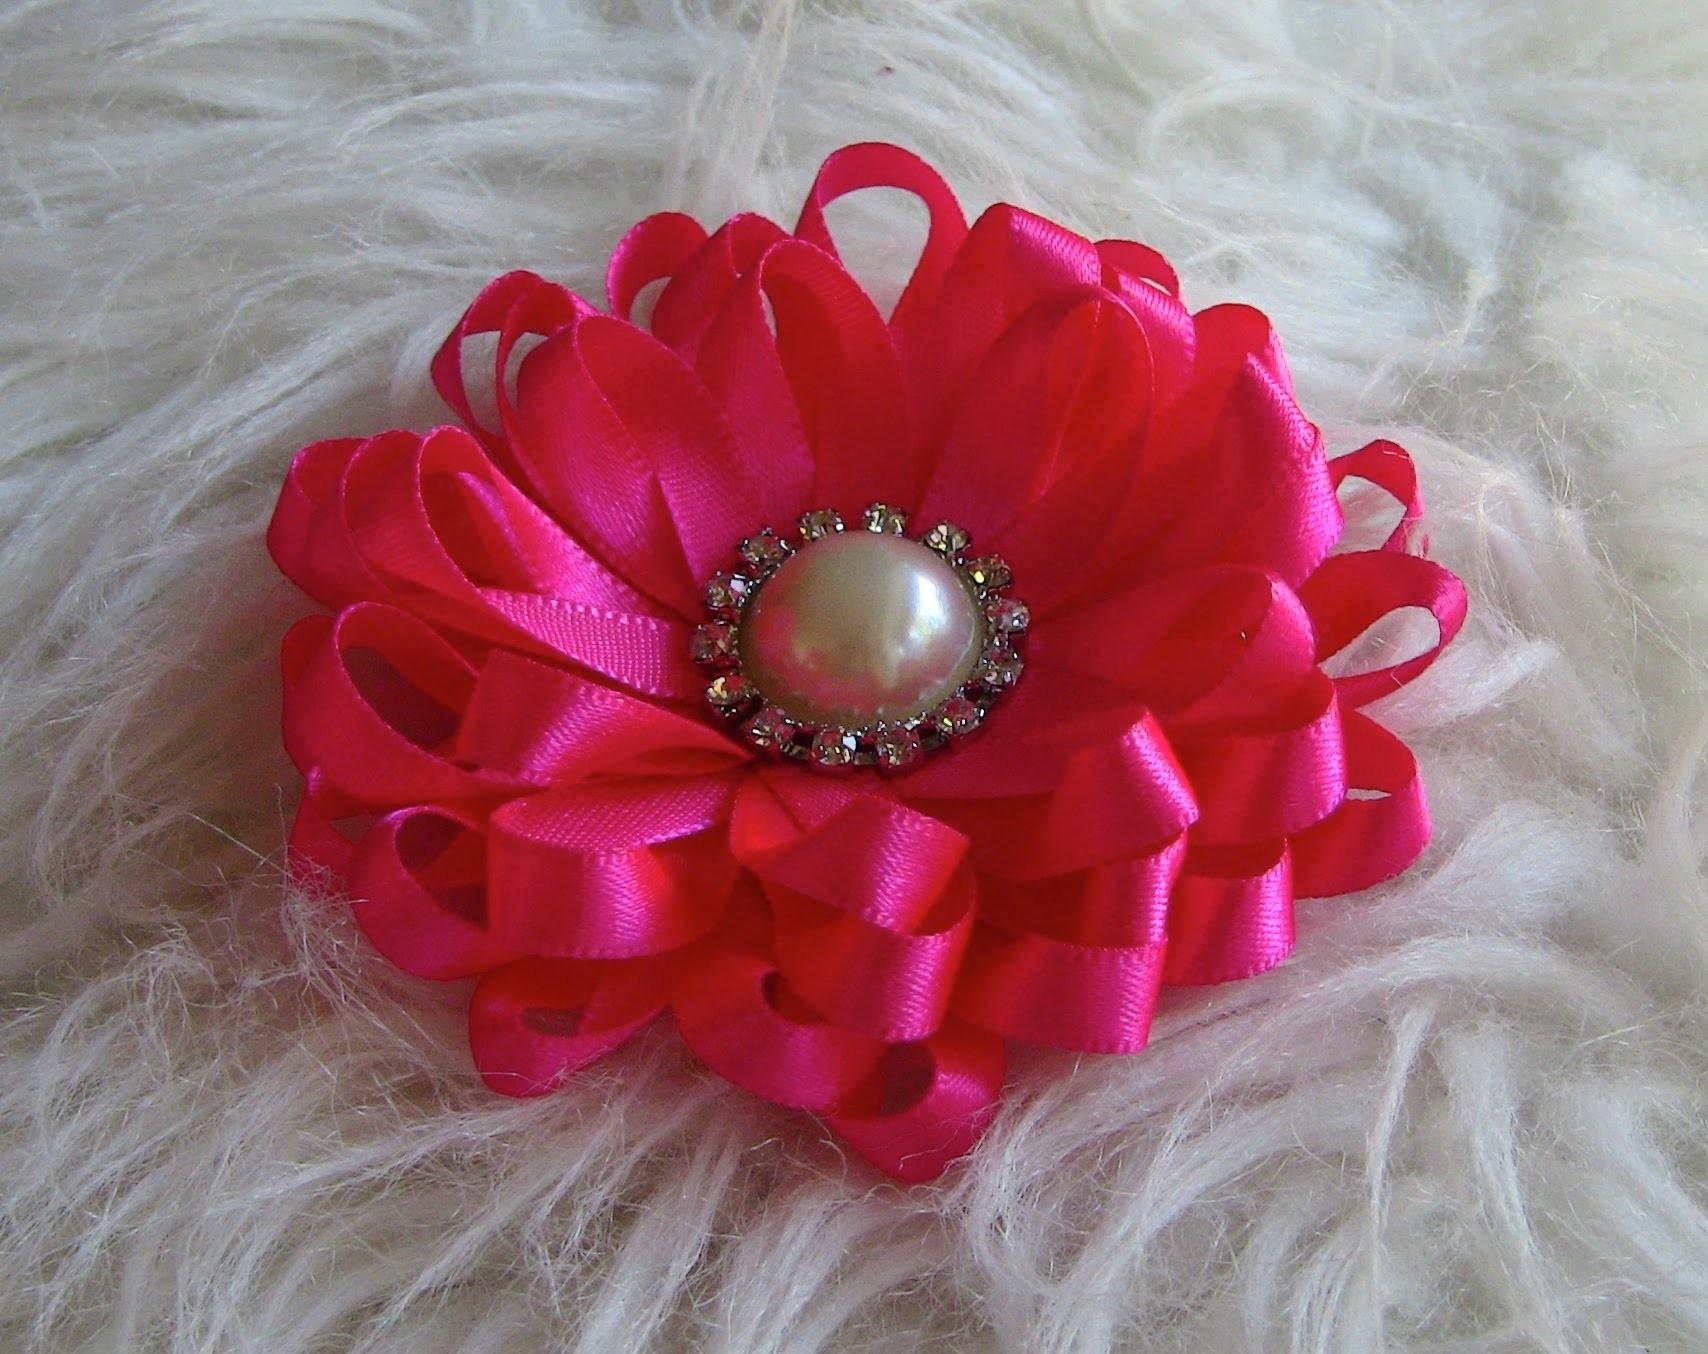 Flor em fitilhos  - Passo a Passo  Diy -  HOW TO MAKE ROSES- fabric flowers